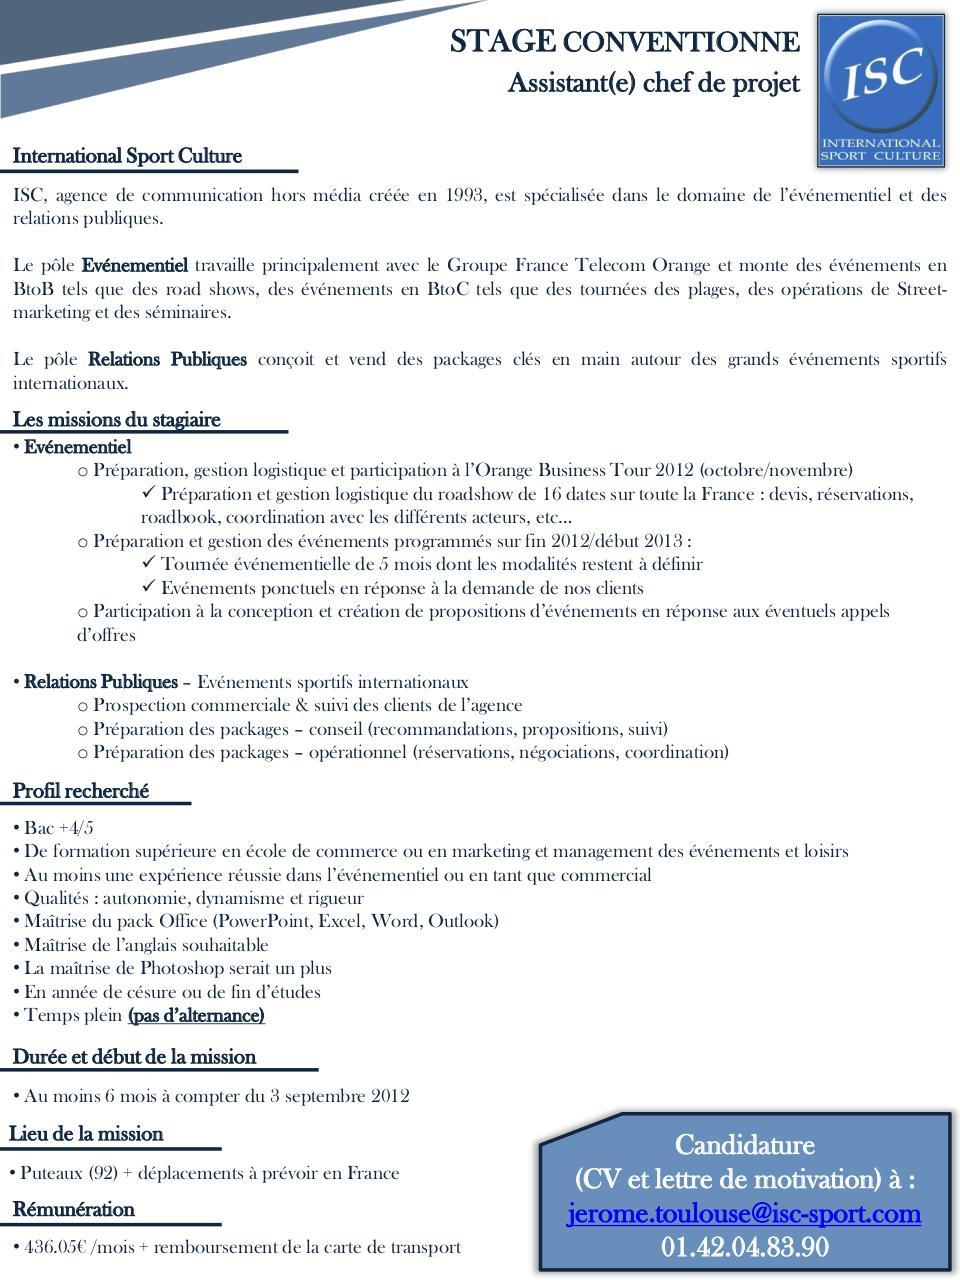 diapositive 1 - stage assistant chef de projet  u00e9v u00e9nementiel septembre 2012 pdf